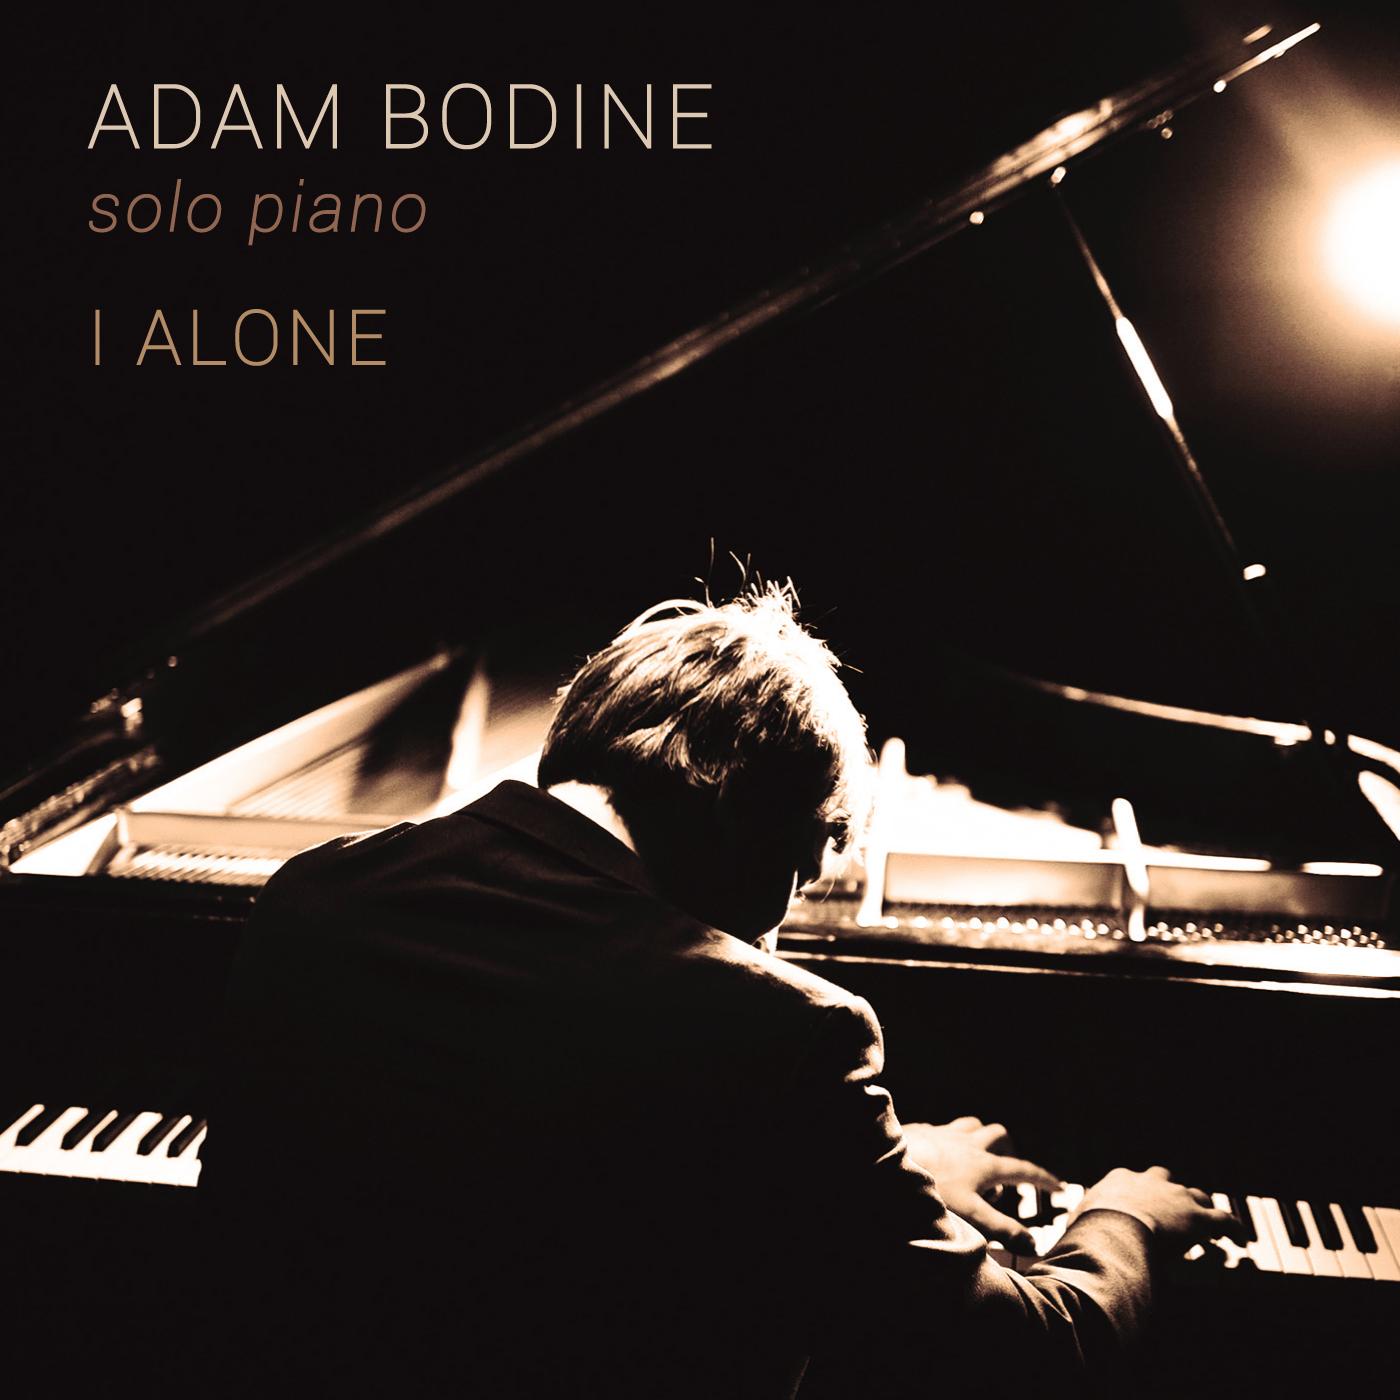 Adam Bodine - I Alone